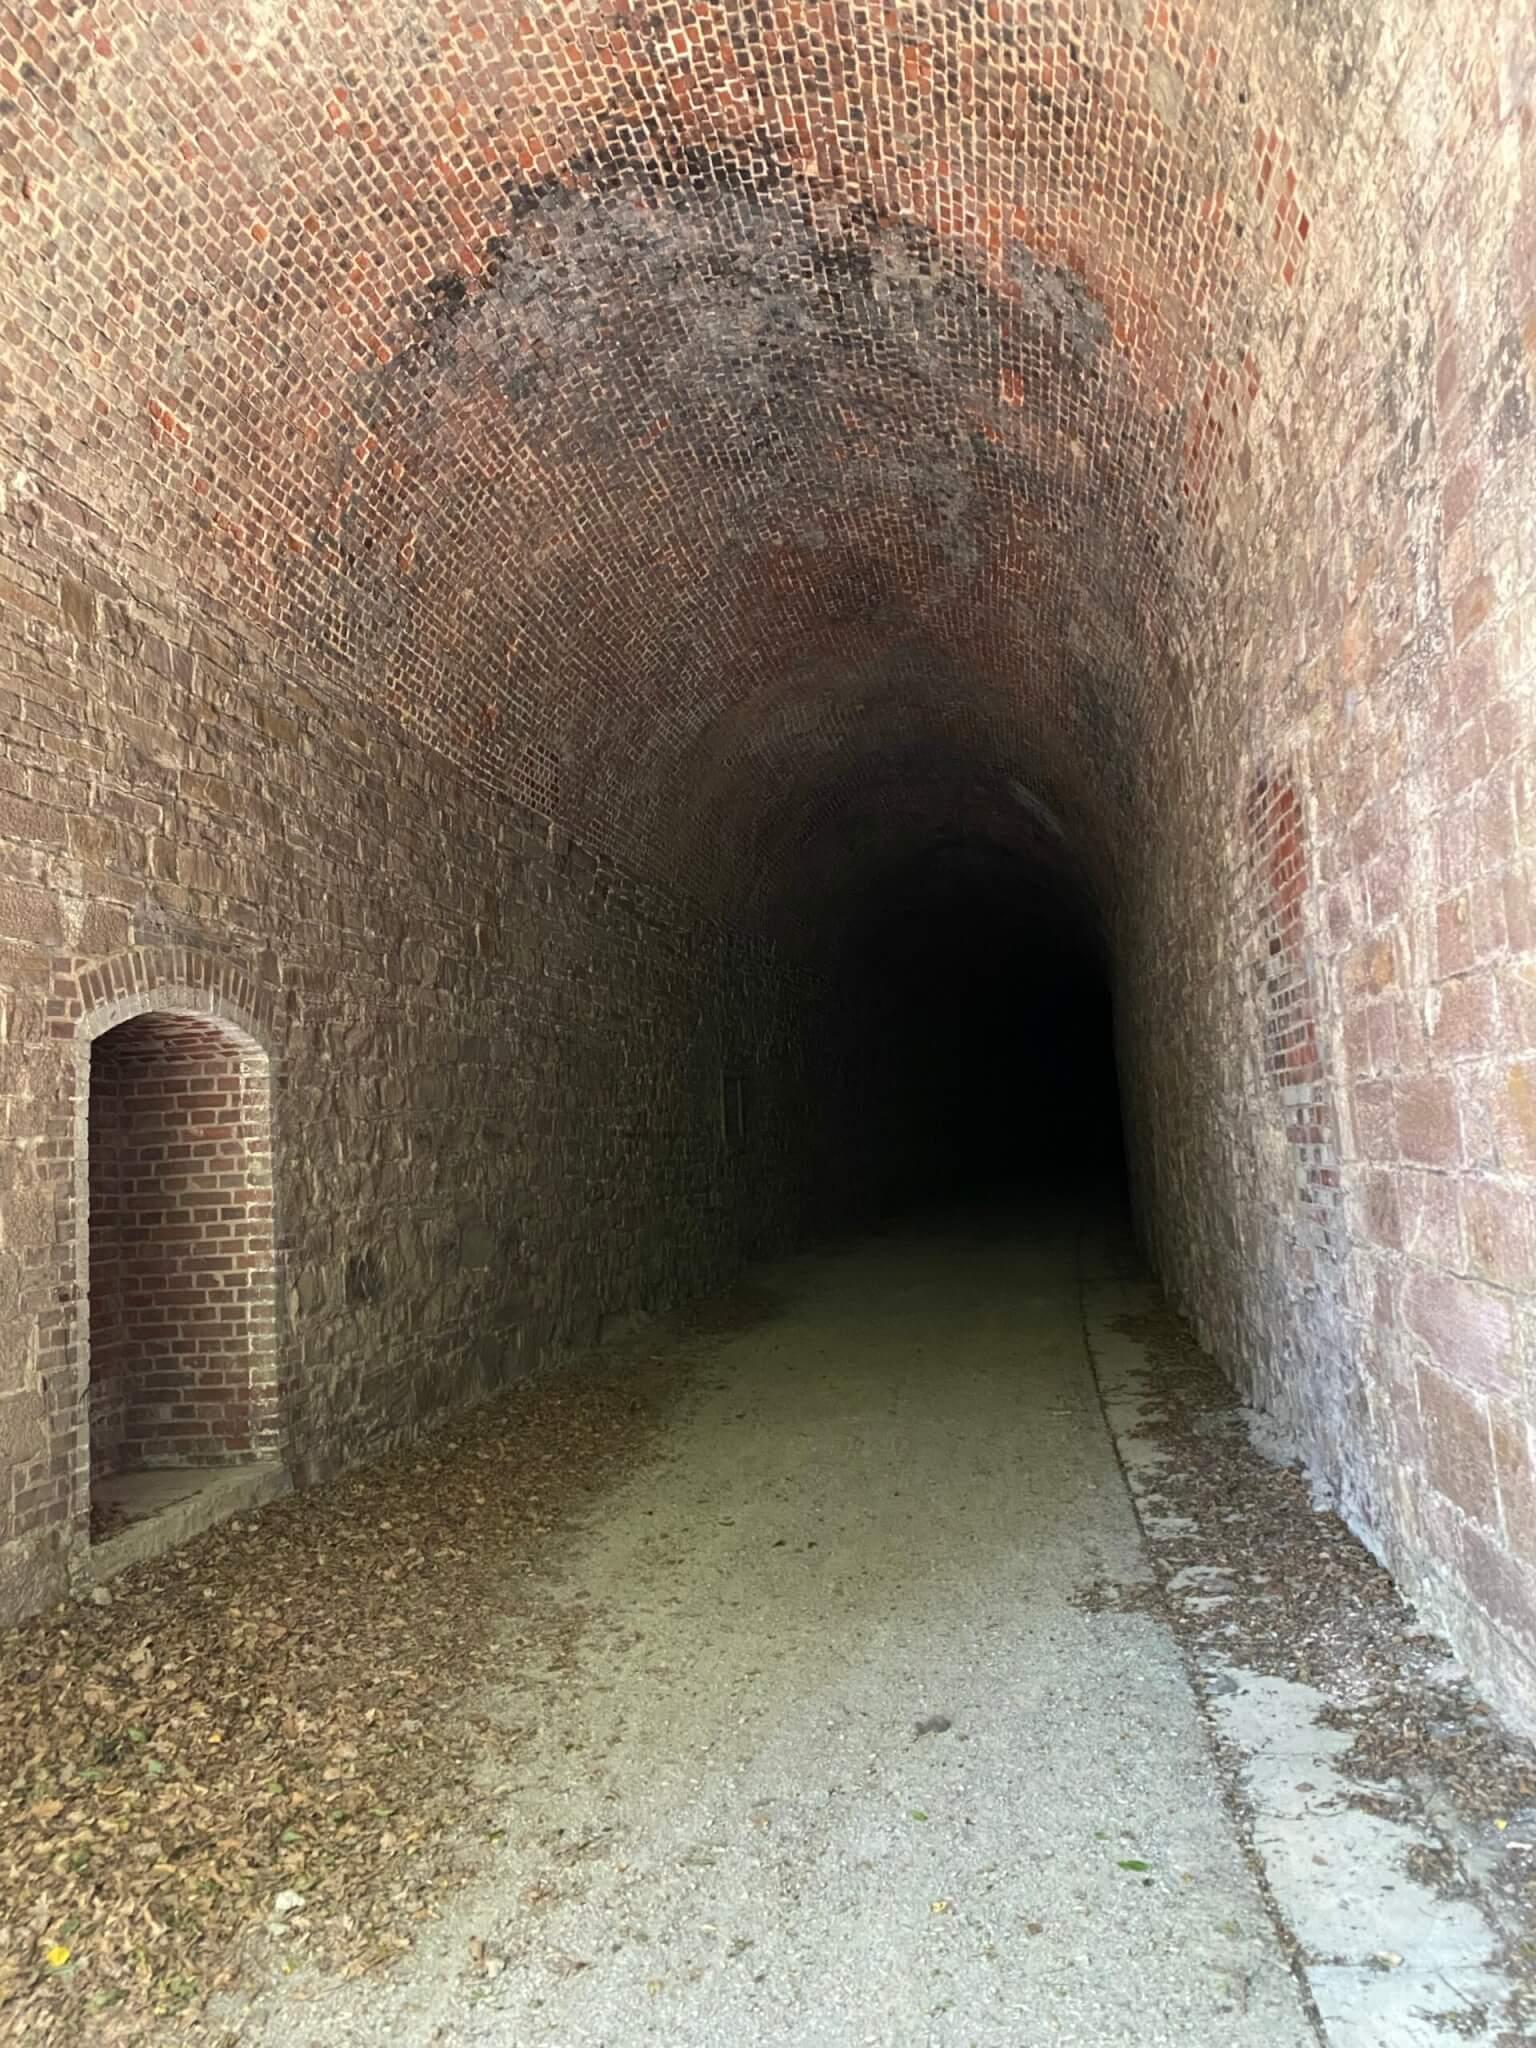 Carlsbahn-Tunnel/Deiseler Tunnel, Trendelburg